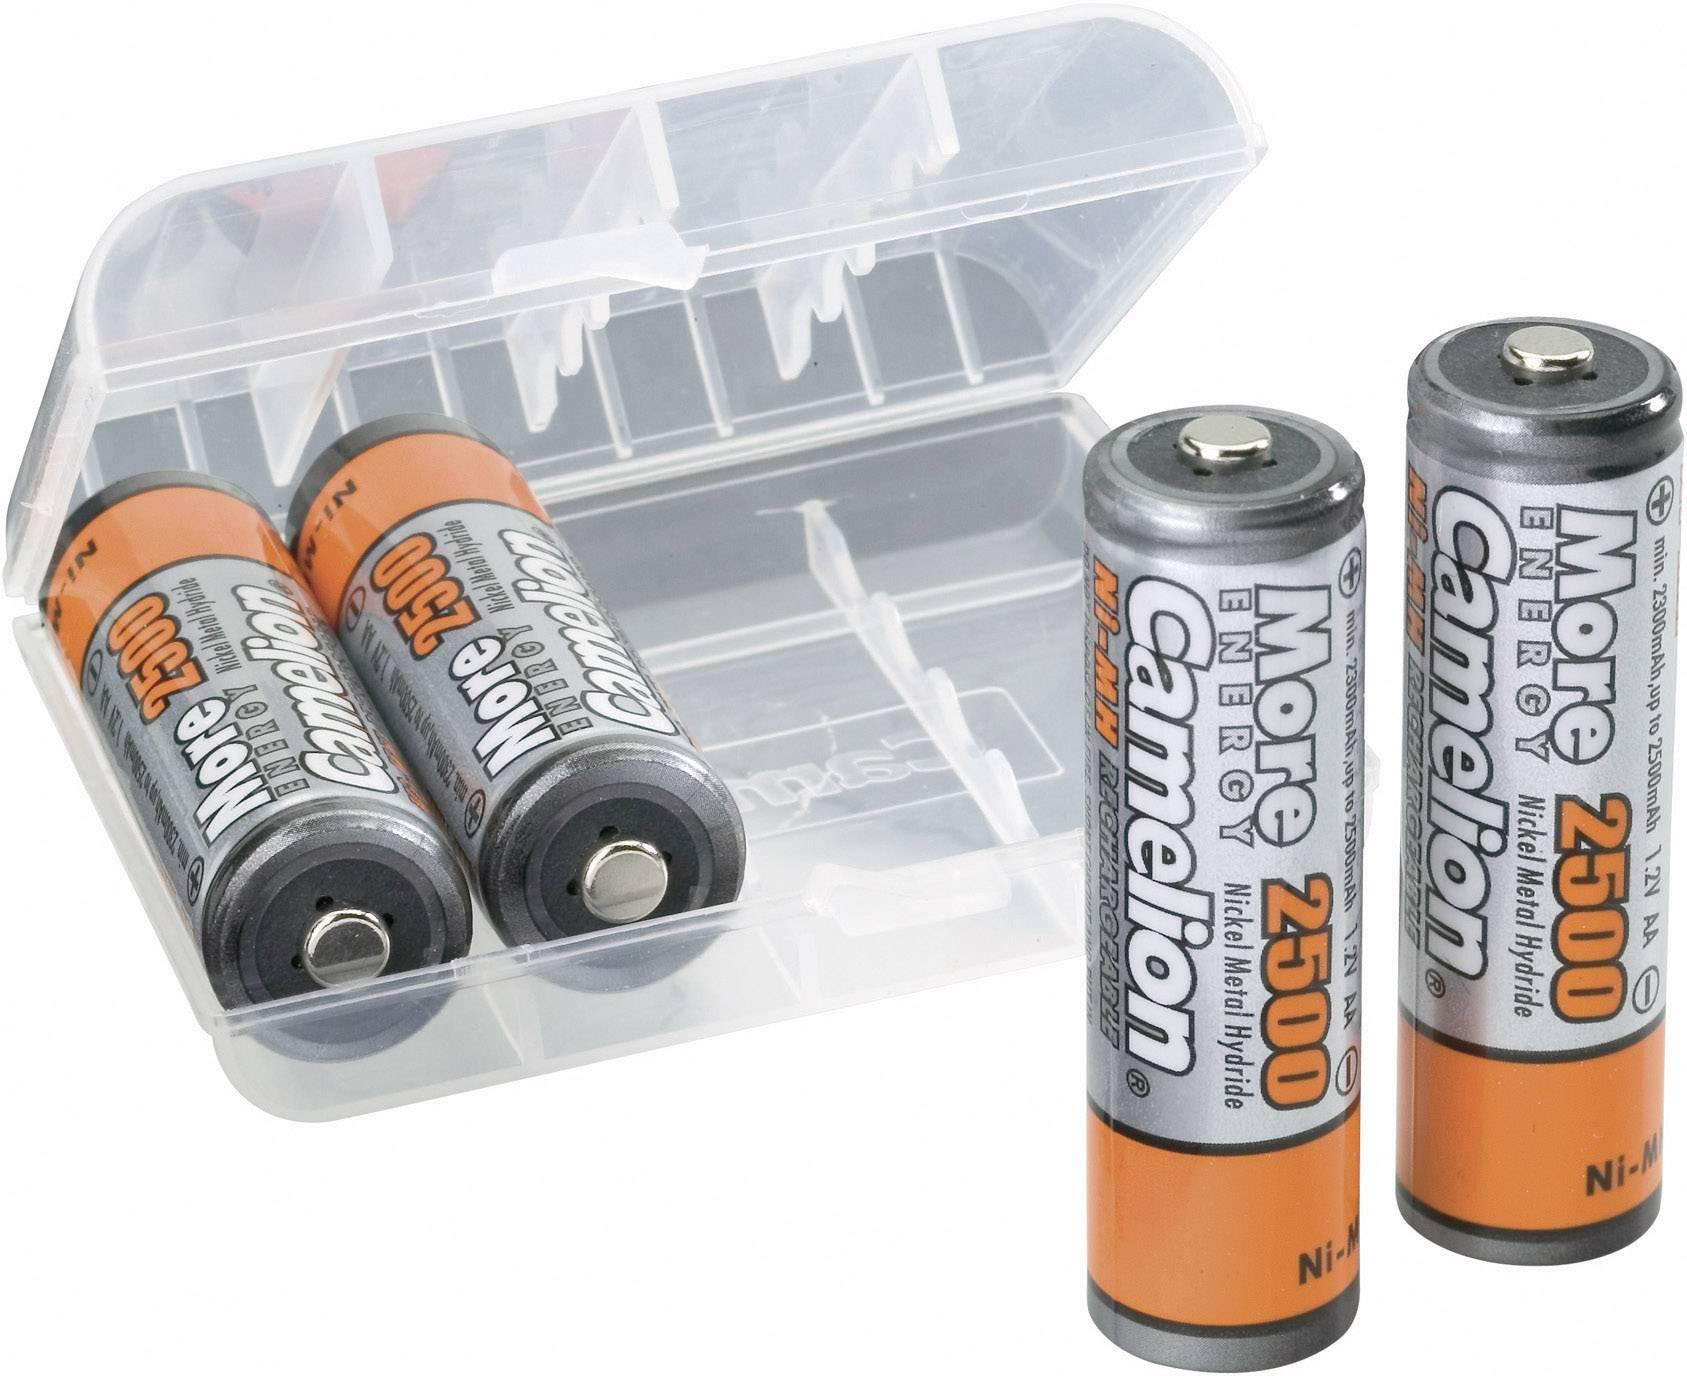 piles rechargeable 2600mah AA Camelion avec étui rangement 4 accus batterie